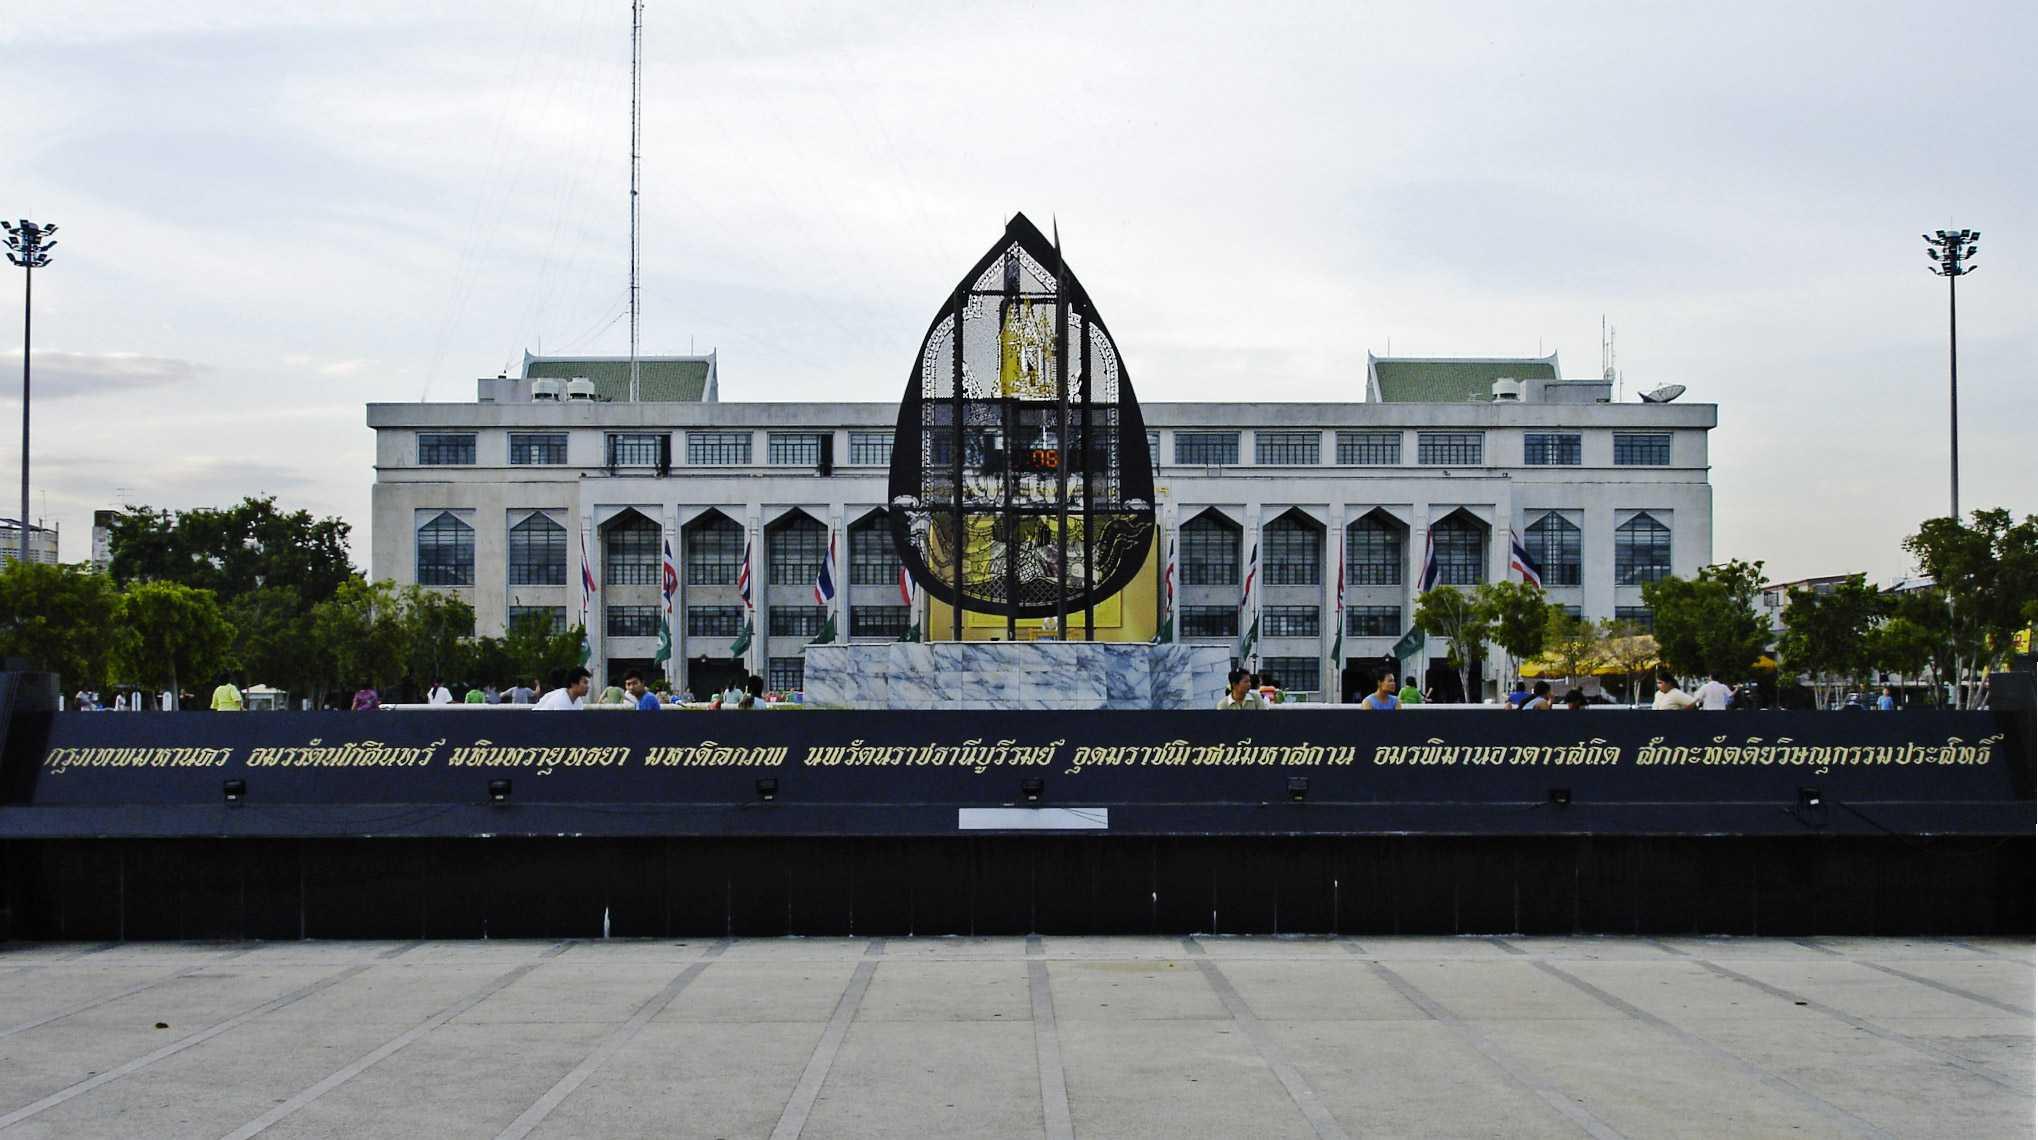 Сколько слов в полном названии столицы Таиланда на тайском?